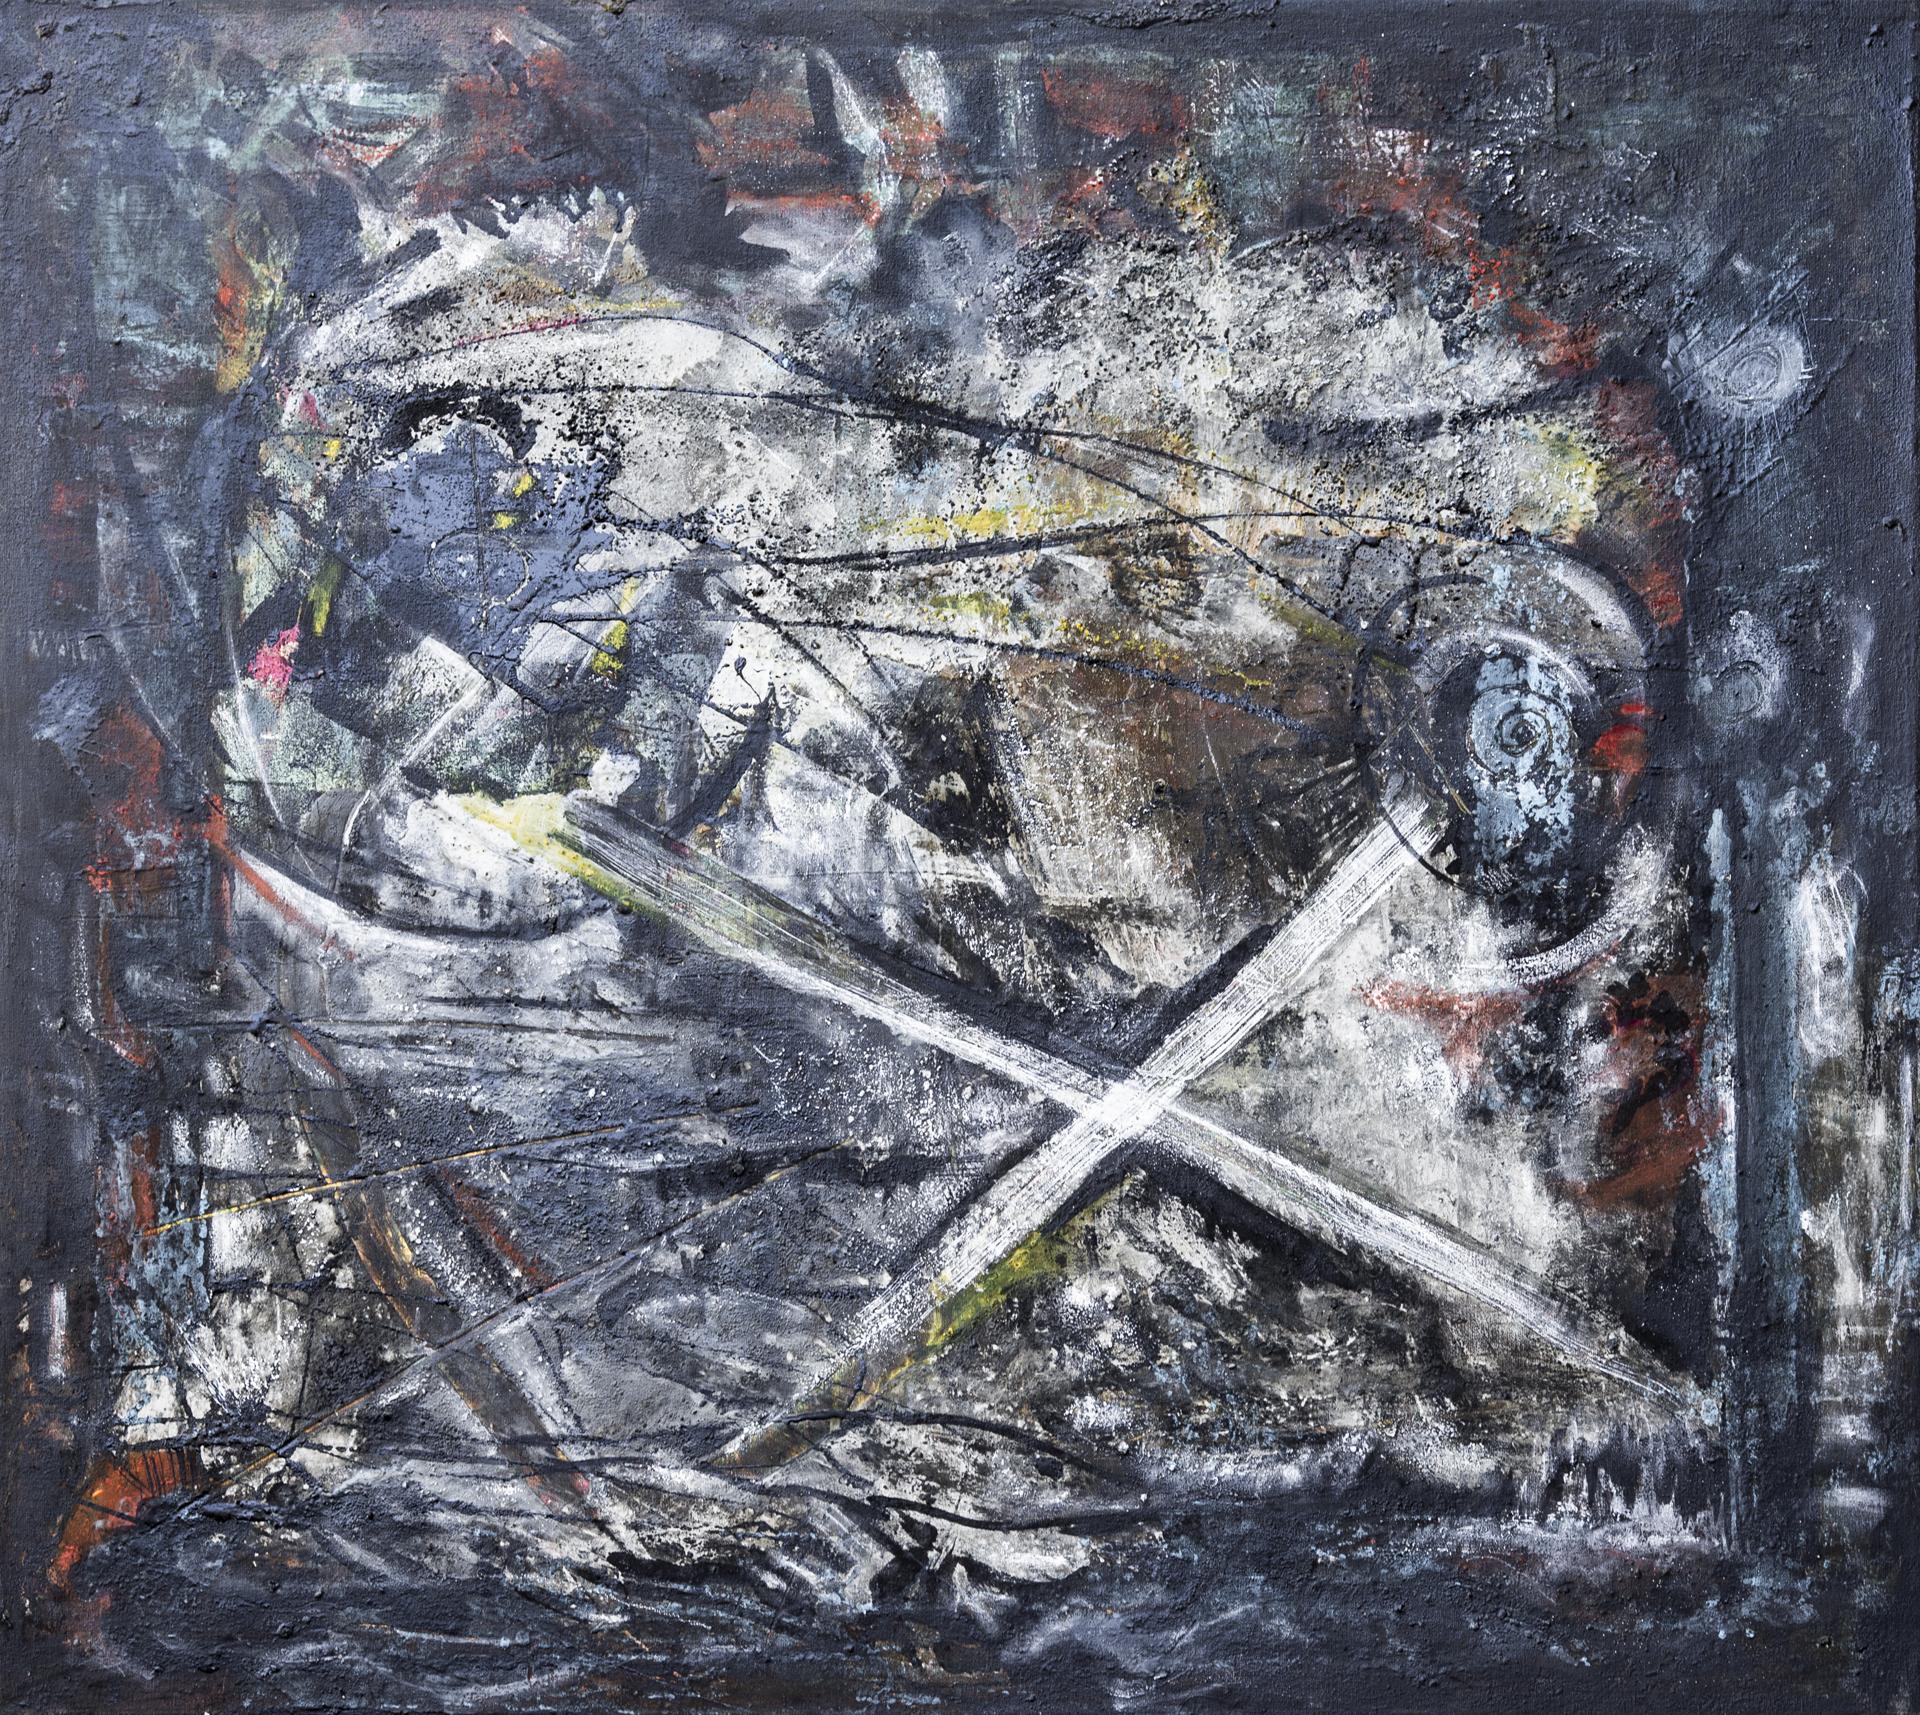 pinturas-obras-de-arte-maximiliano-borgia-002